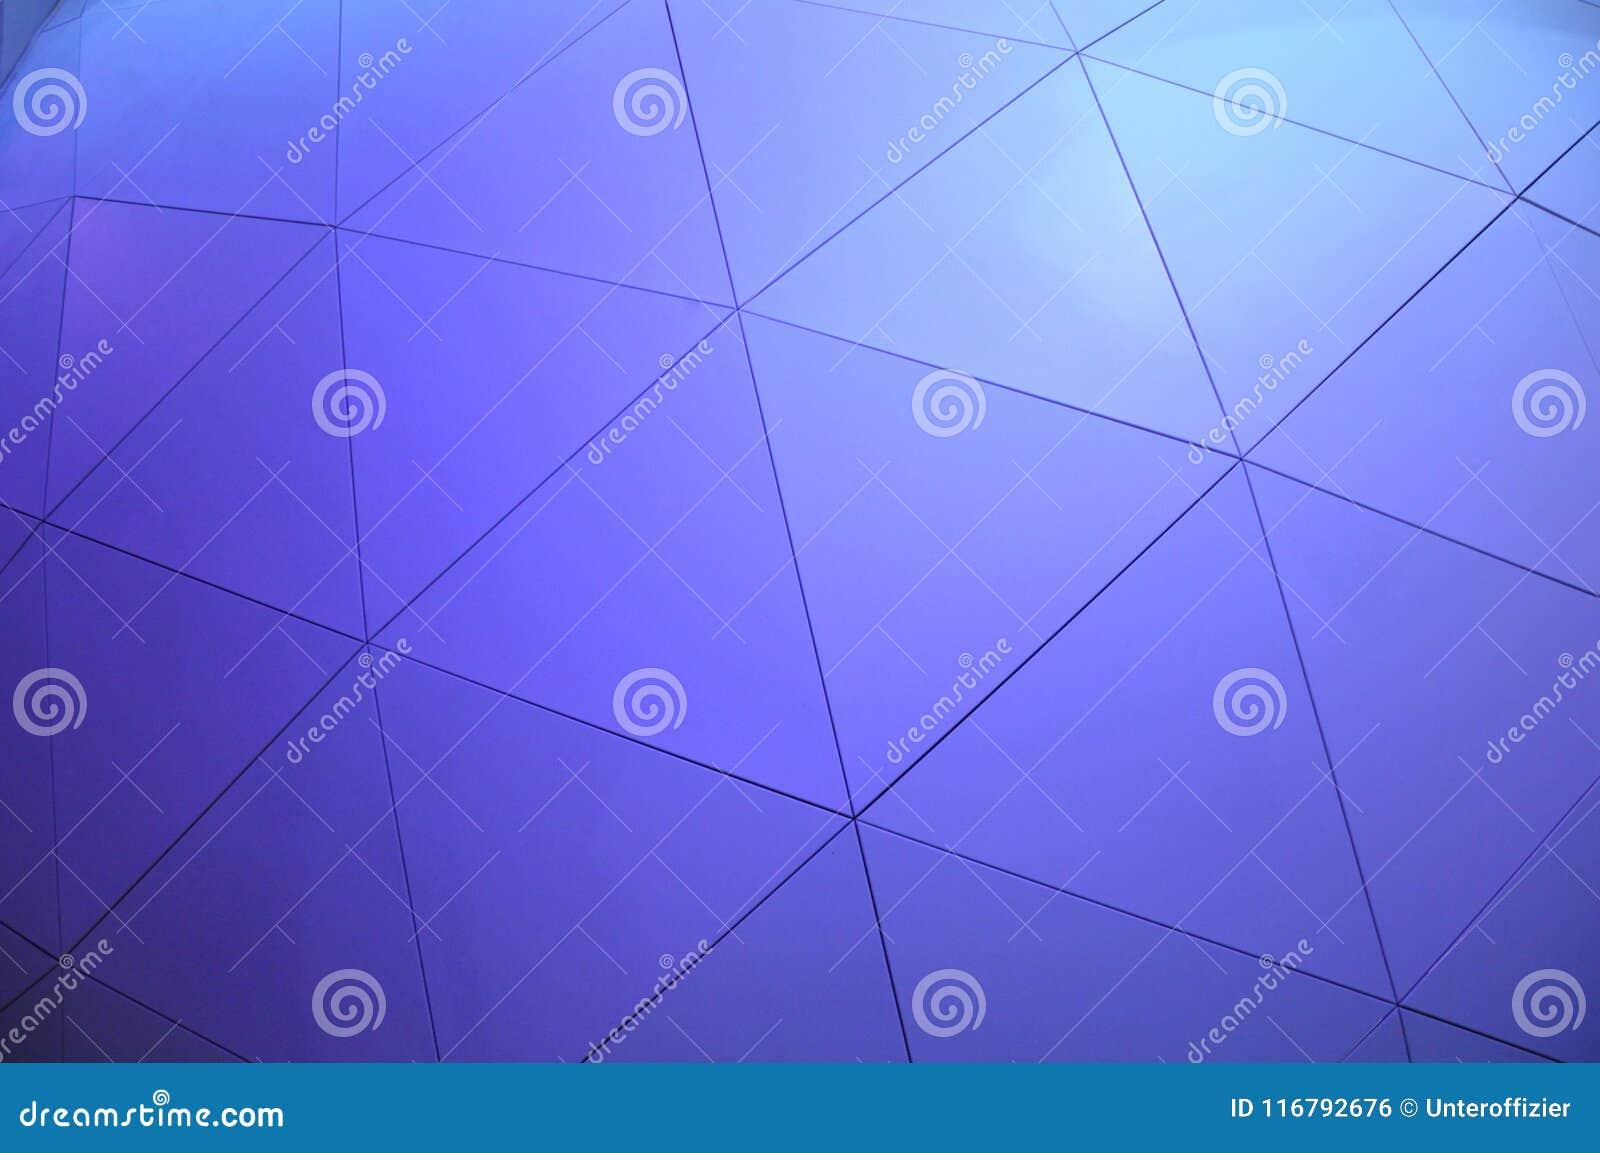 La superficie de una esfera púrpura gigantesca